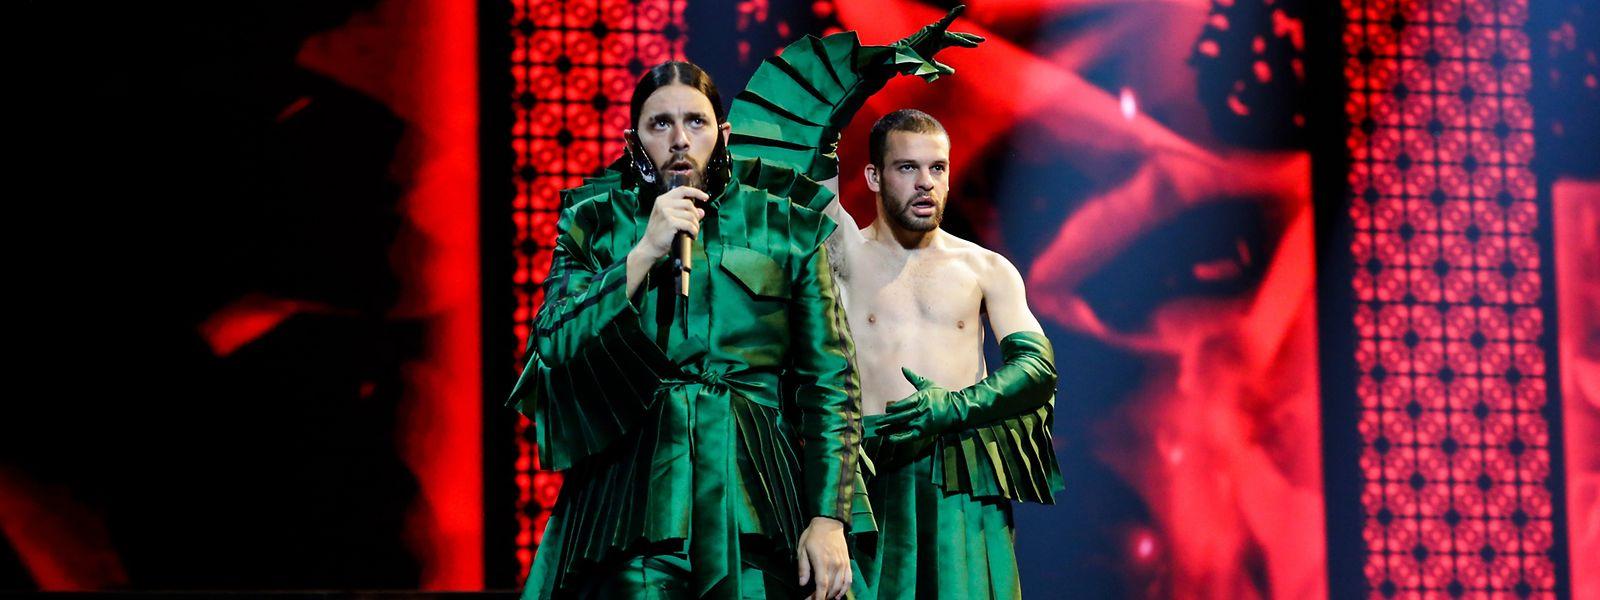 Conan Osiris subirá ao palco com o bailarino João Moreira